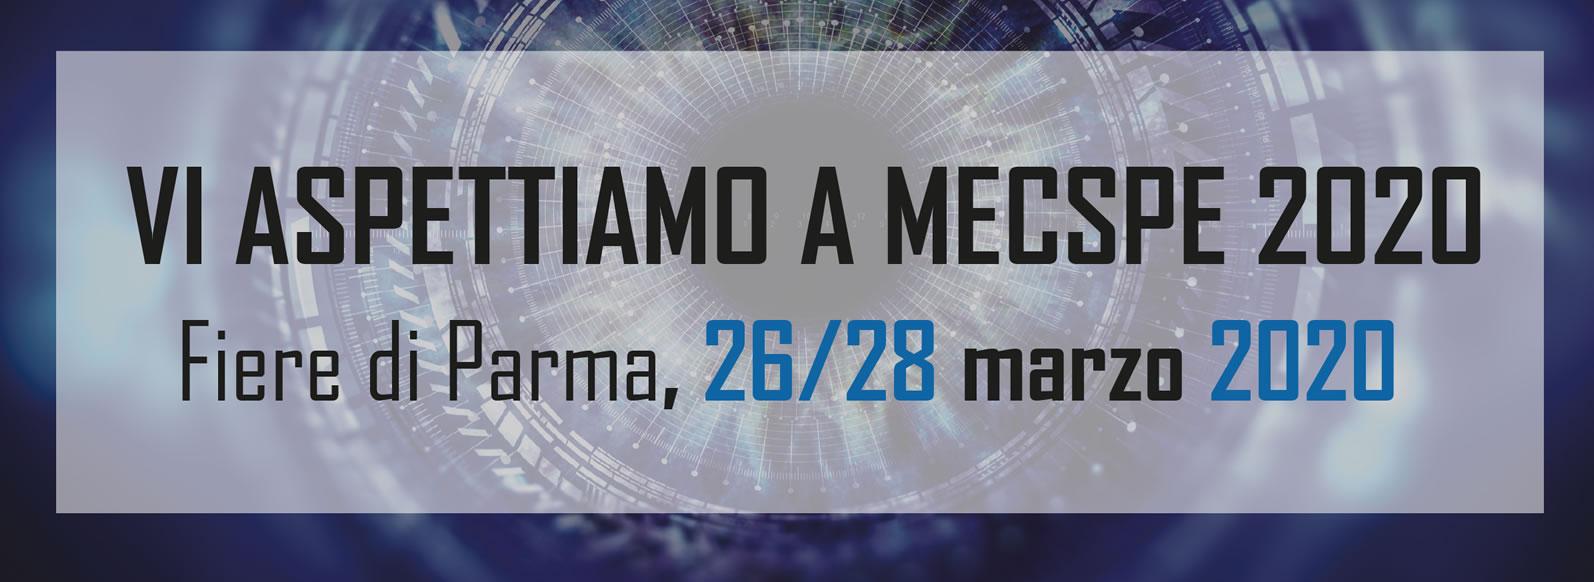 Vi aspettiamo a MECSPE 2020